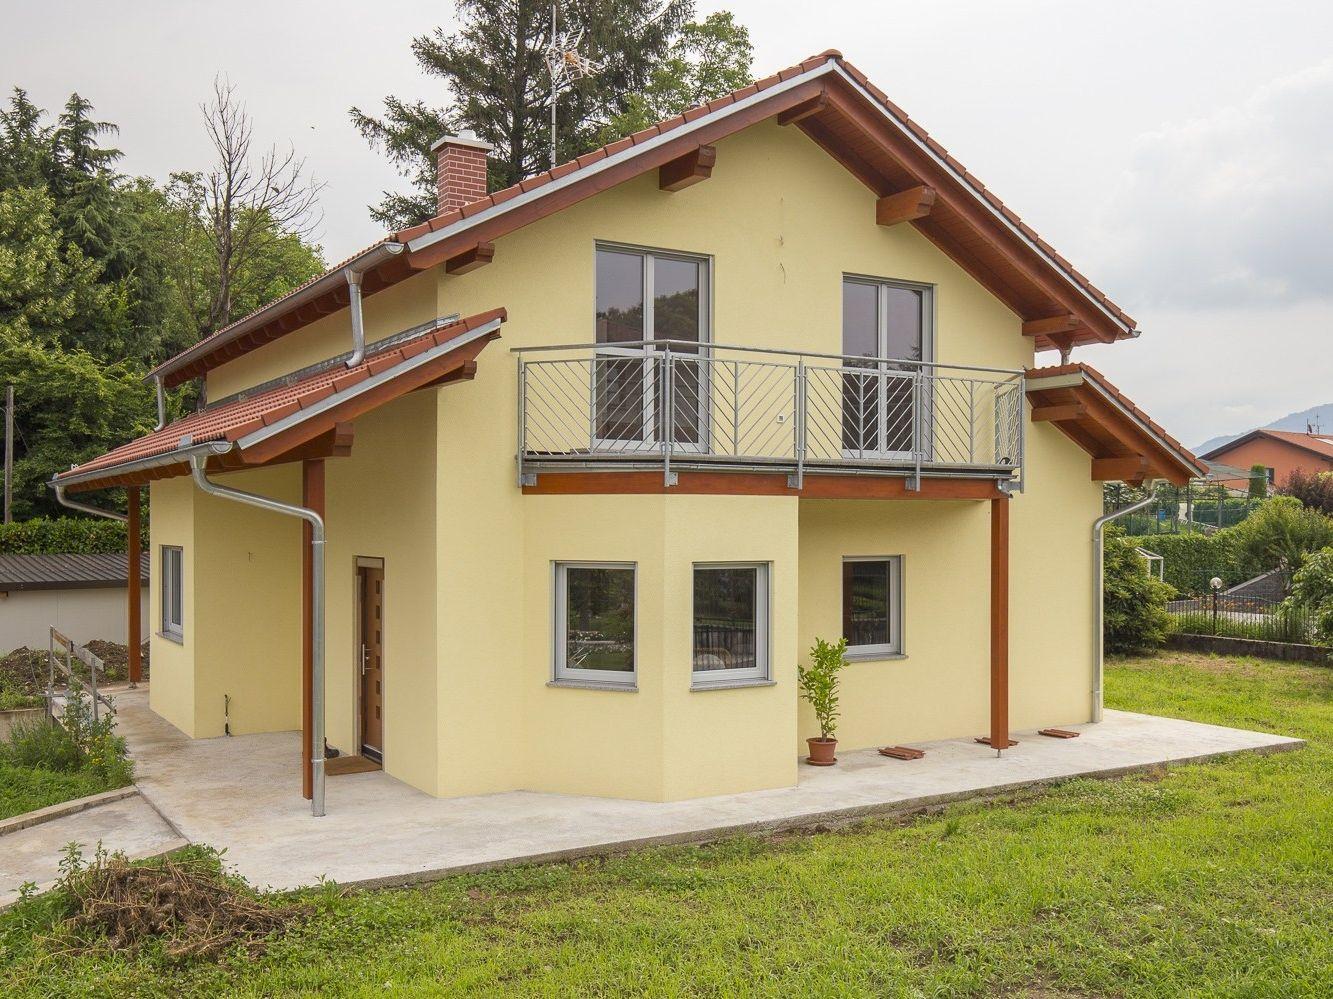 Casa prefabbricata in legno casa mia 136 by spazio for Prefabbricati abitativi